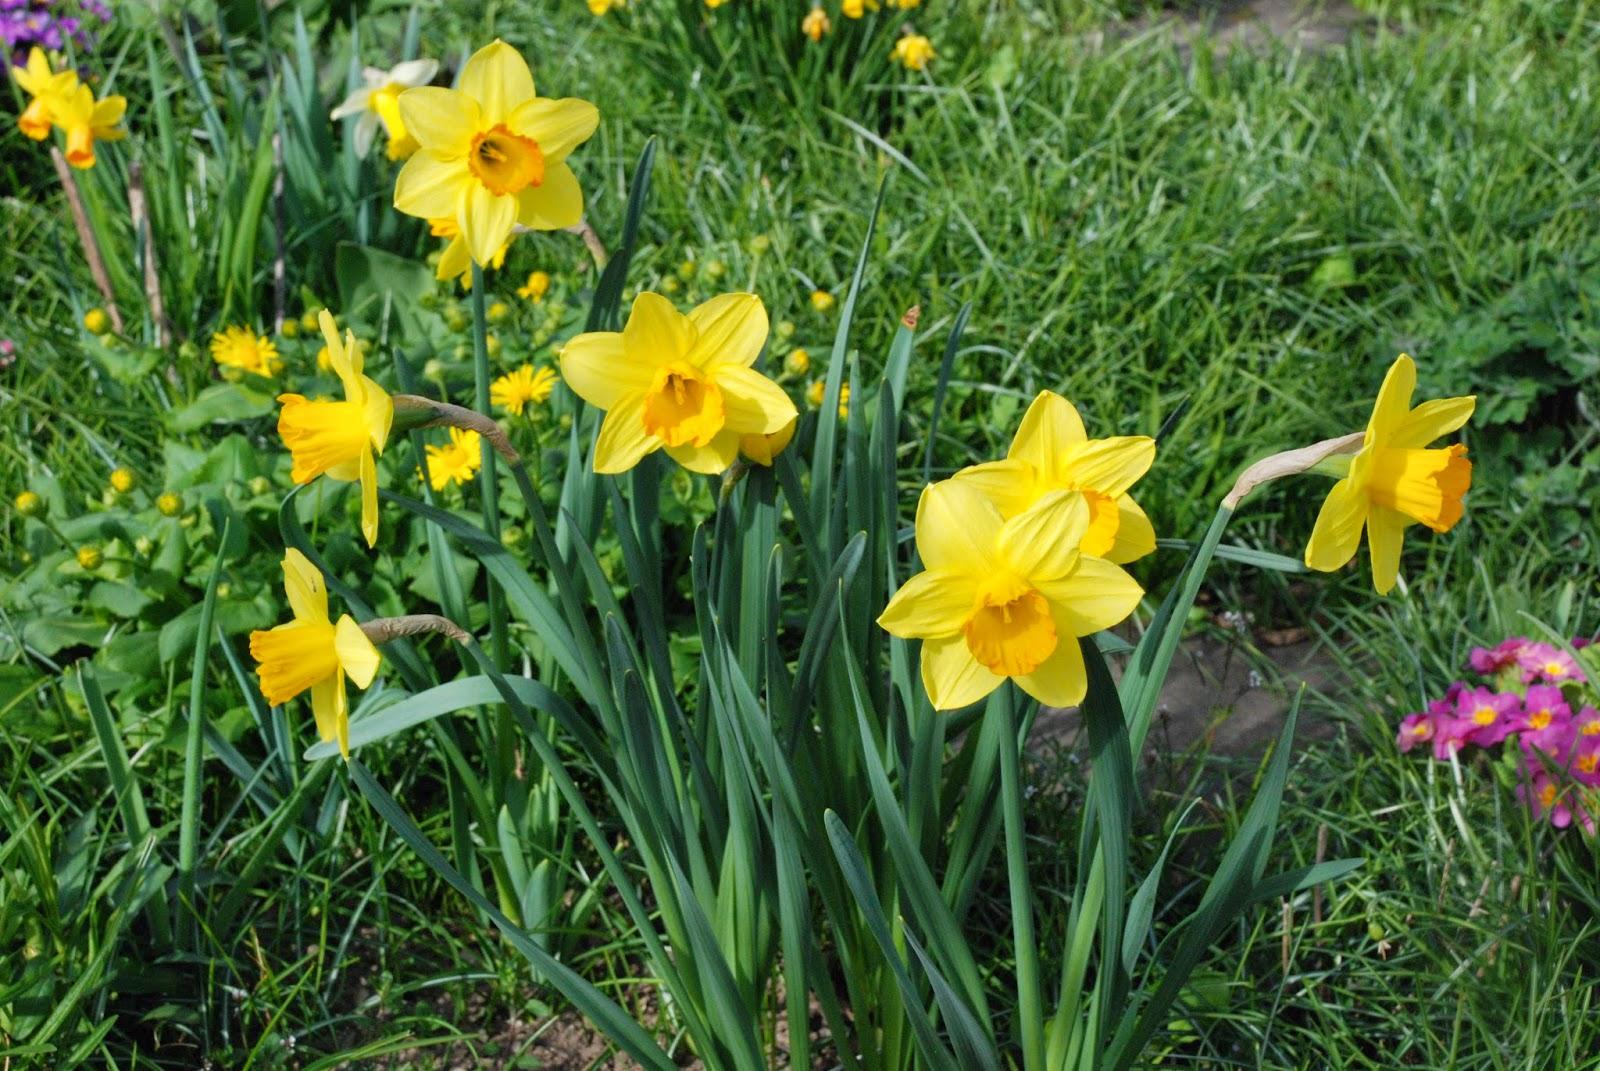 Elegant Welche Blumen Blühen Im März Foto Von Blüte: März - April Farbe: Gelb, Cremefarben,